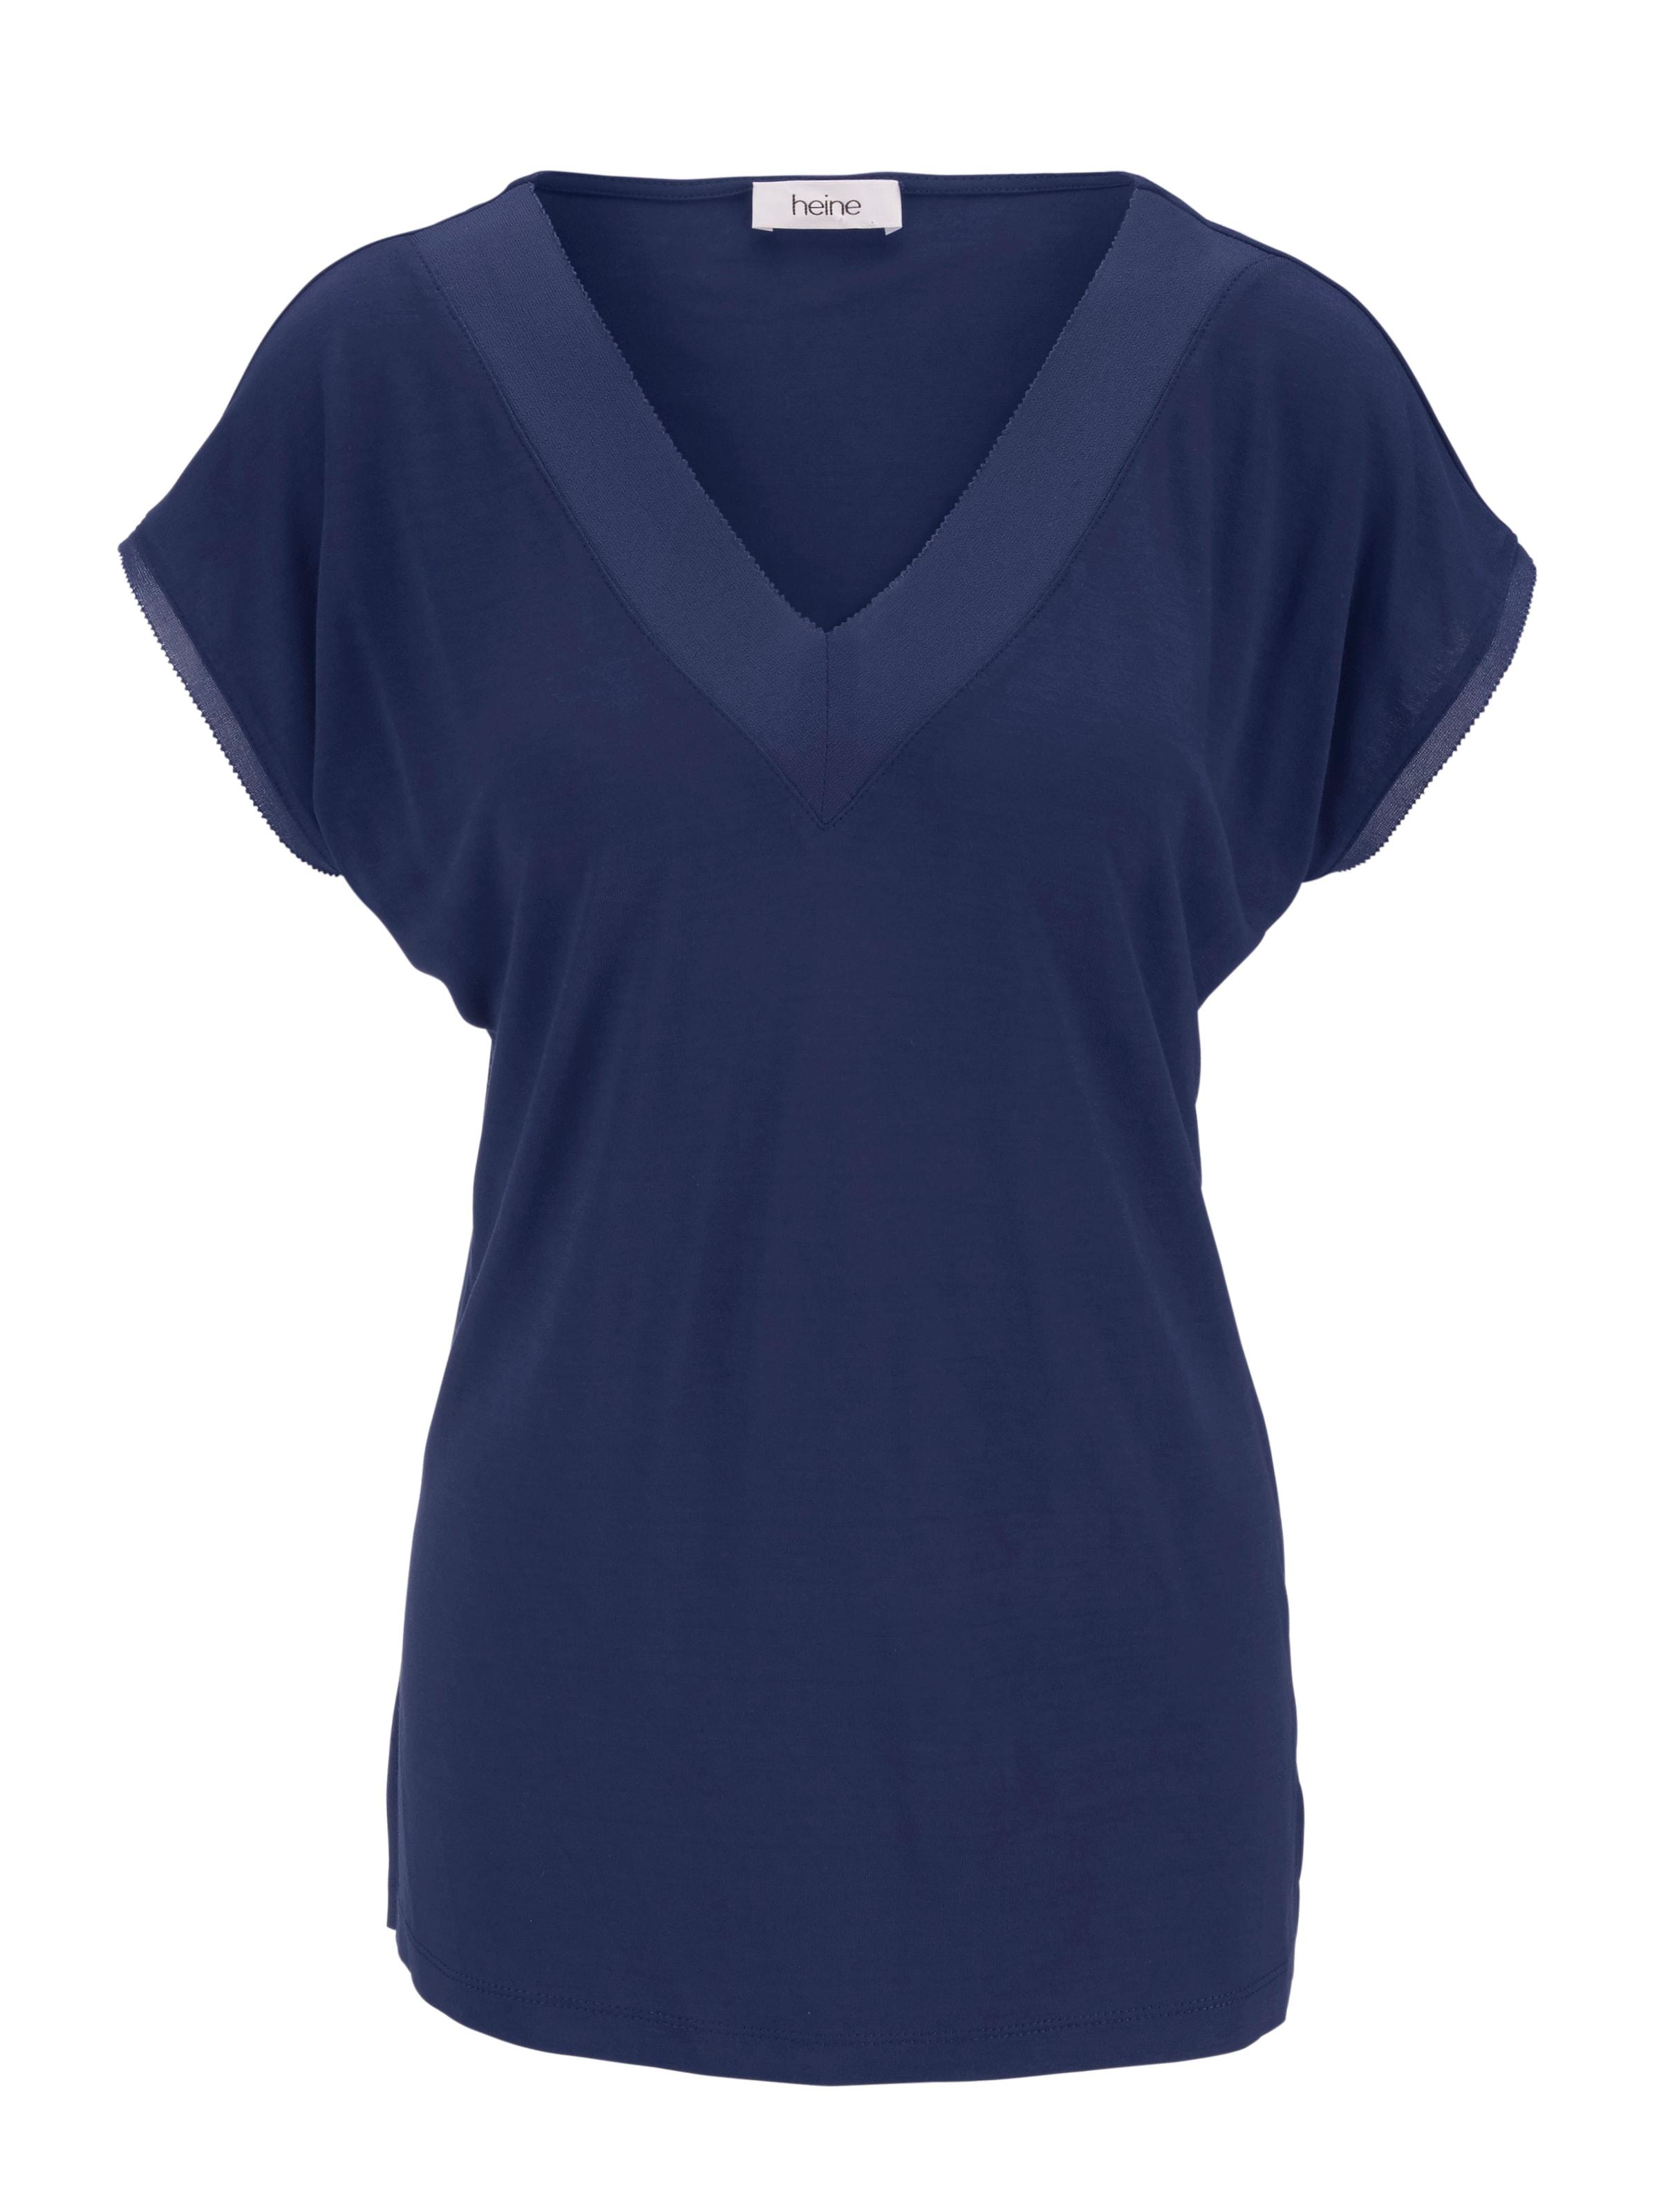 MarineDonkerblauw MarineDonkerblauw Shirt In Heine In Heine Shirt sQCthxodrB